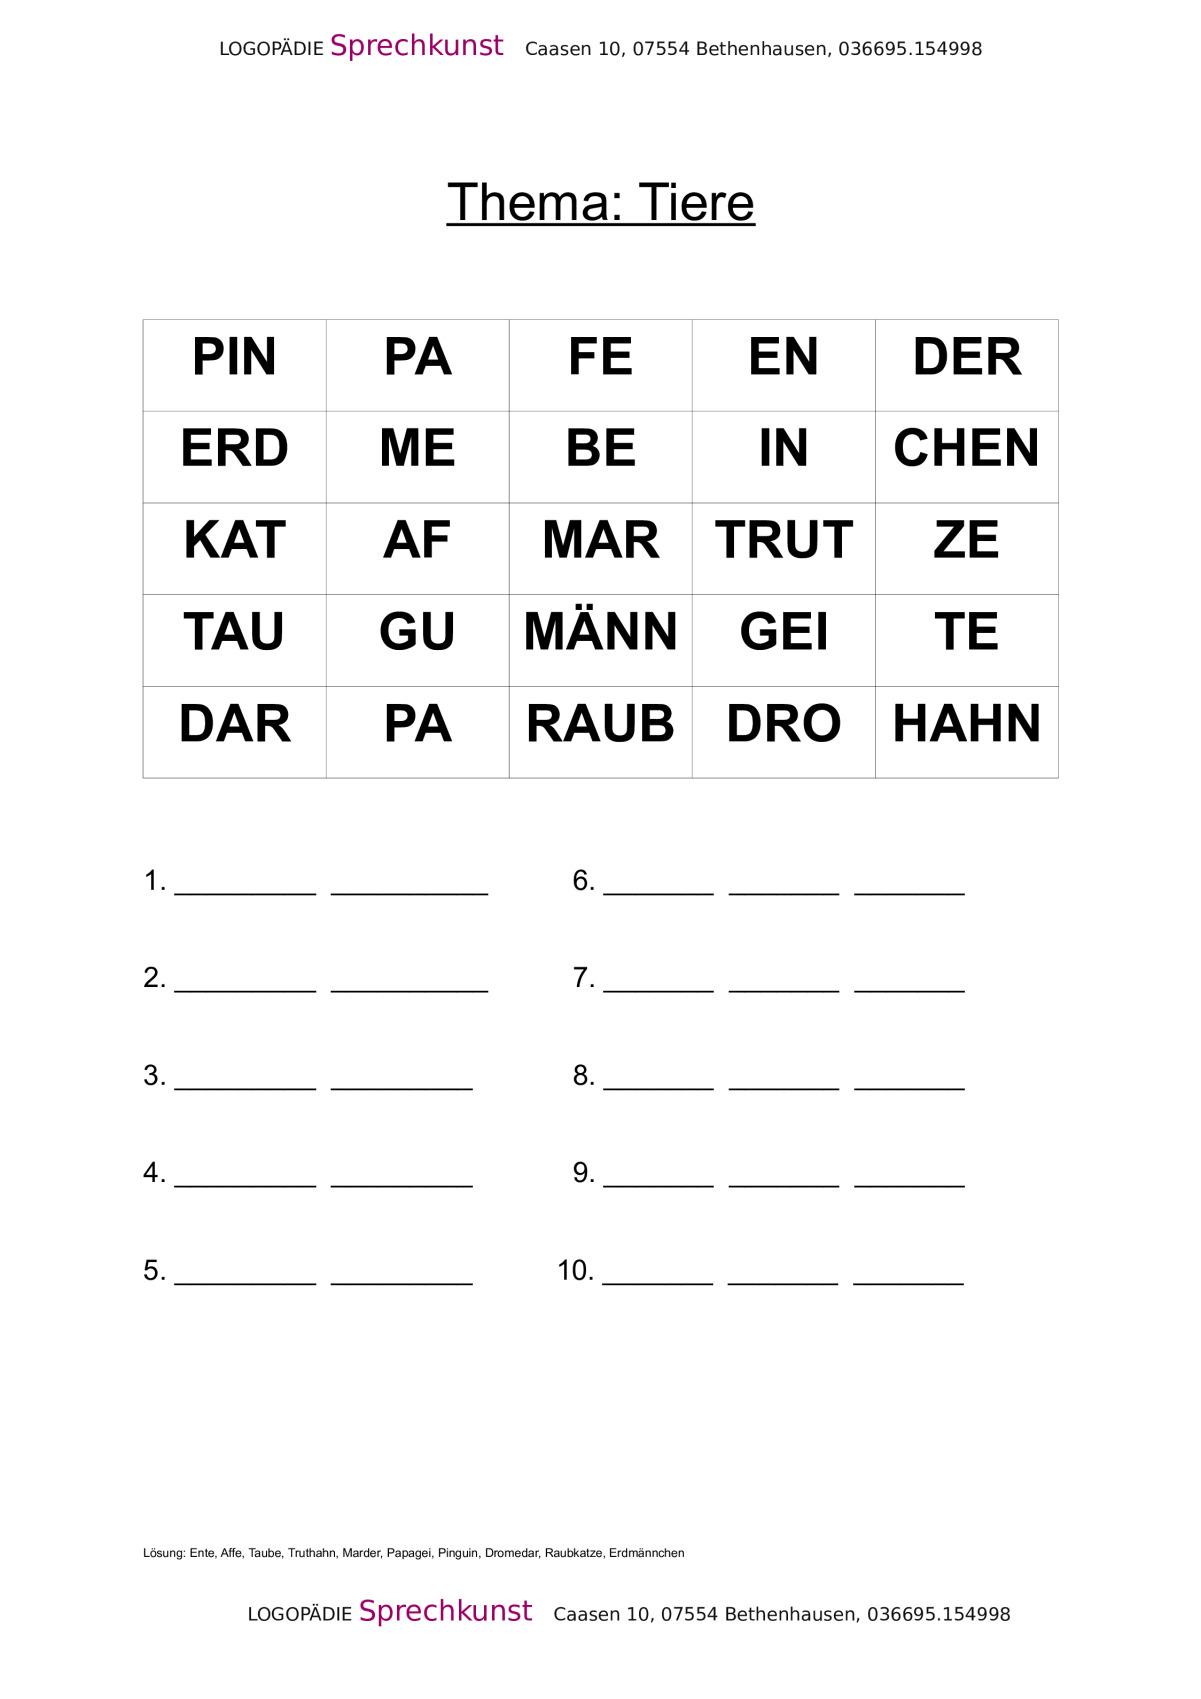 Silbenanagramme lösen - Thema Tiere - Aphasie - madoo.net